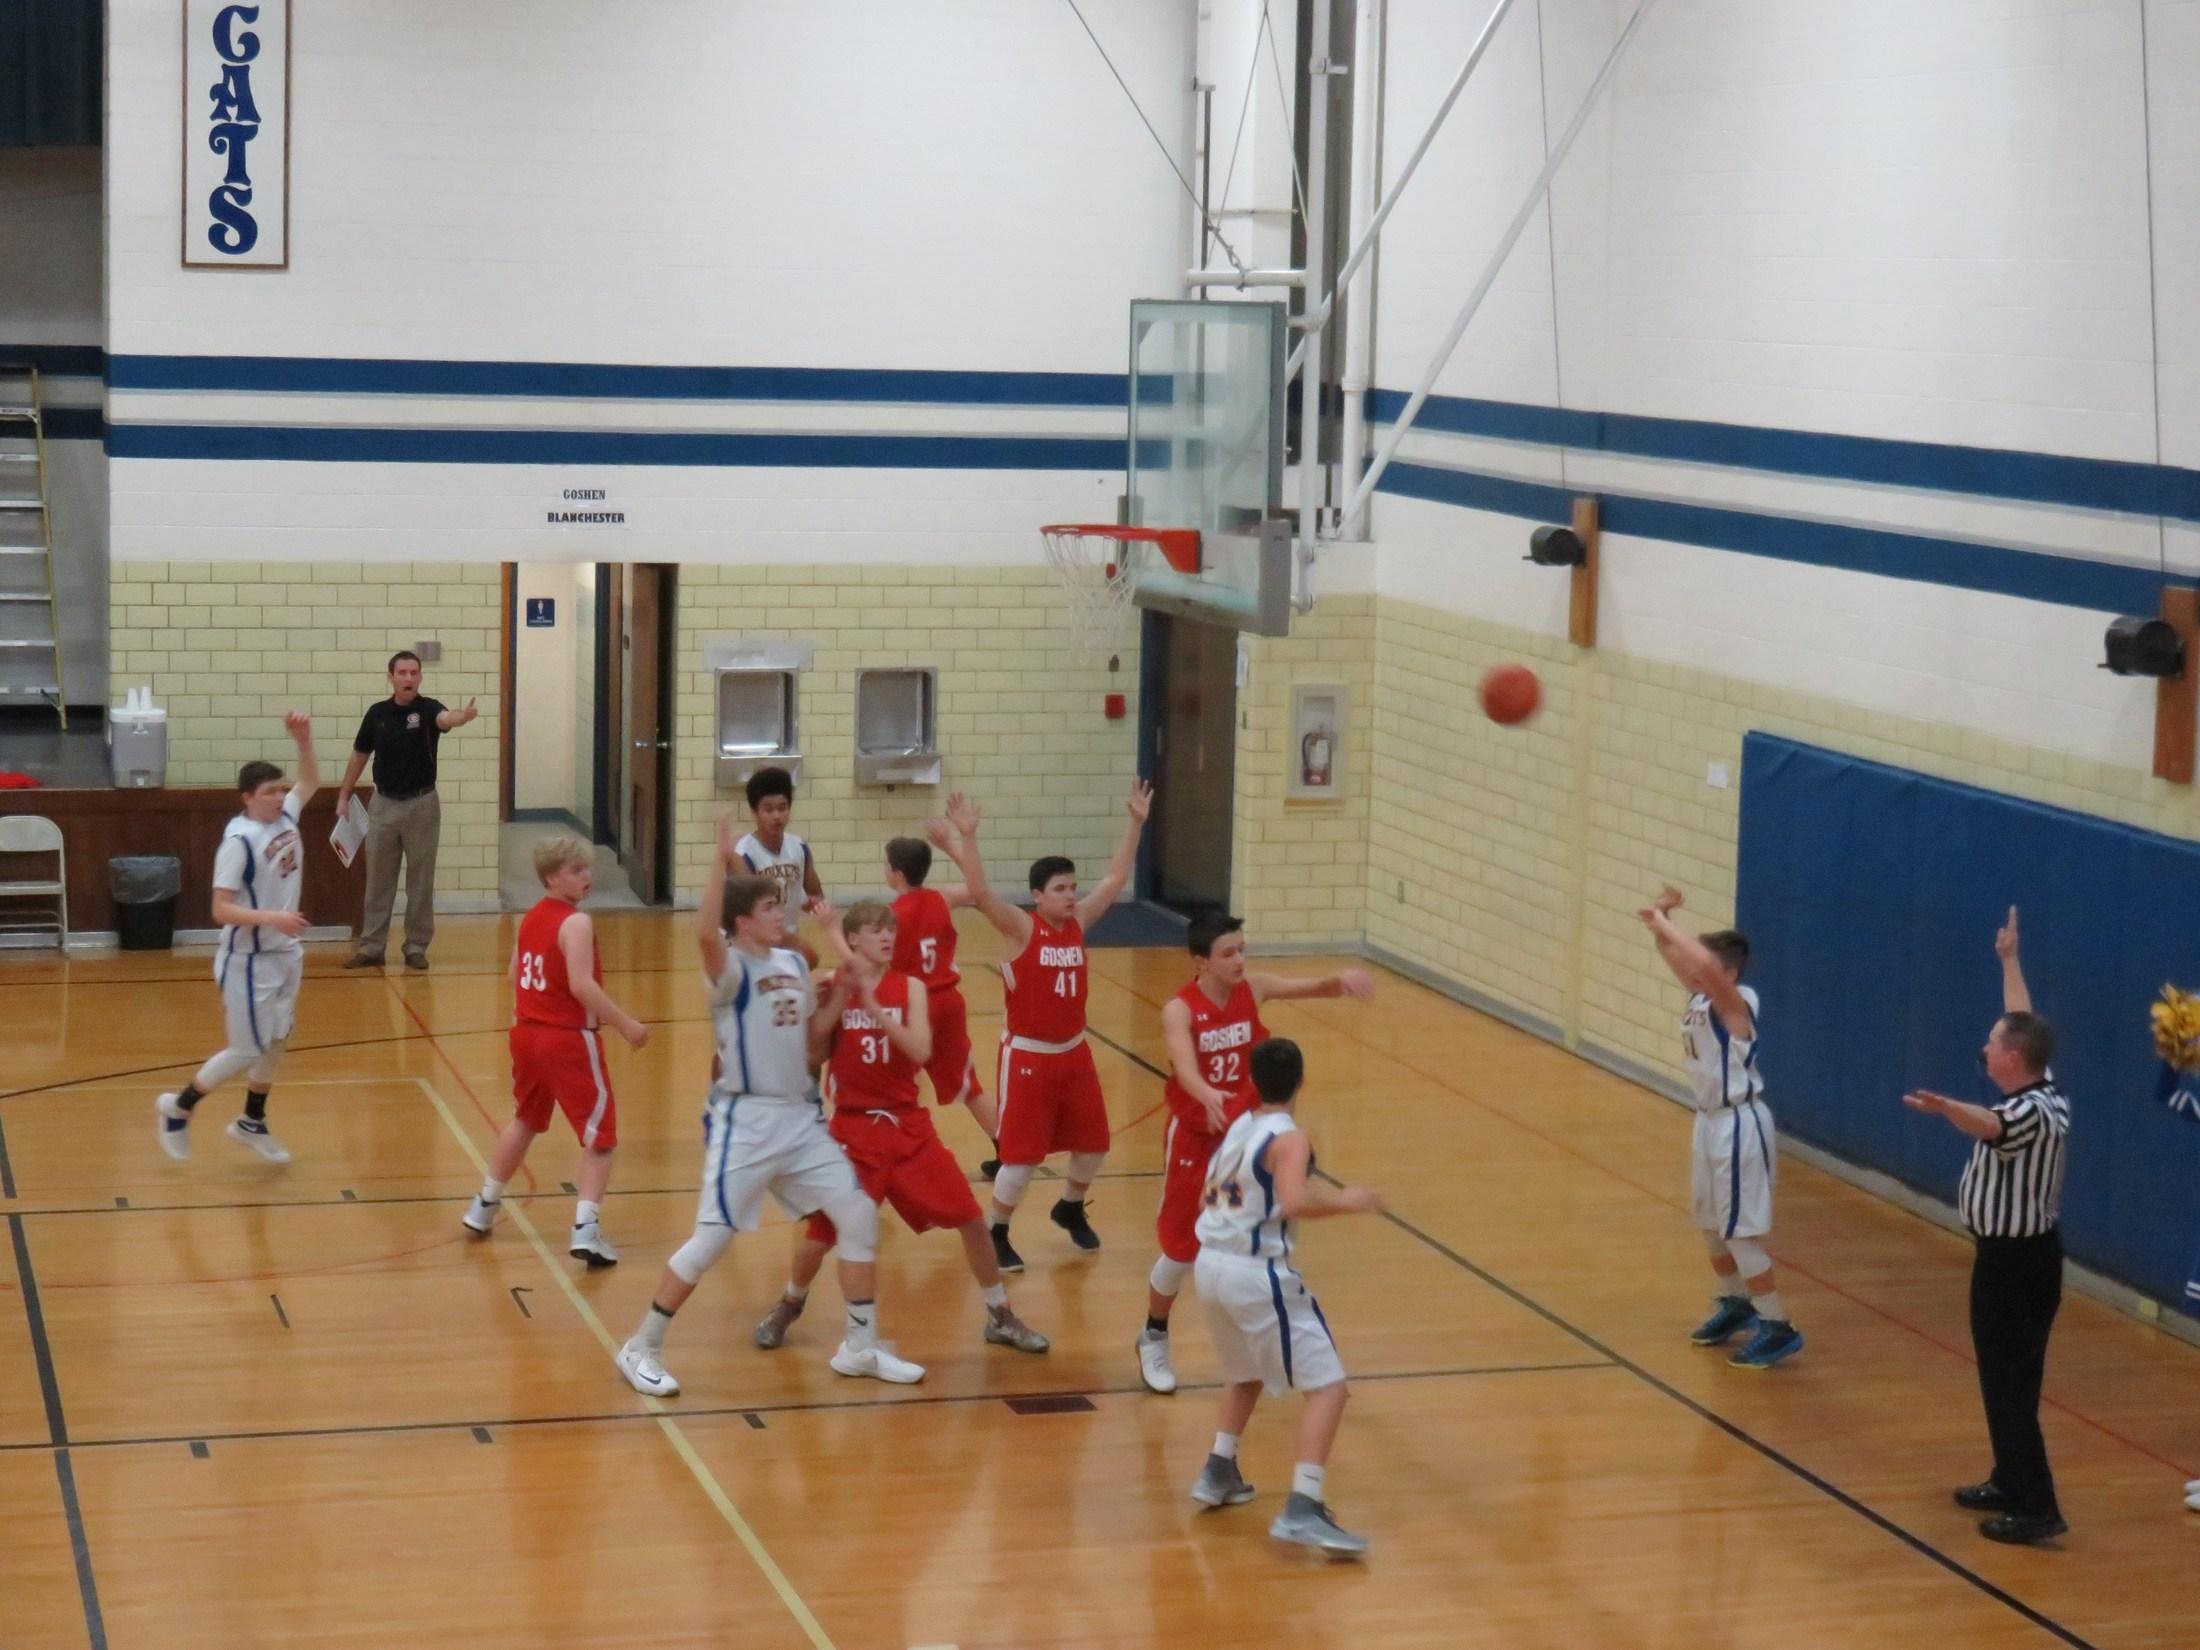 8th grade boys basketball players